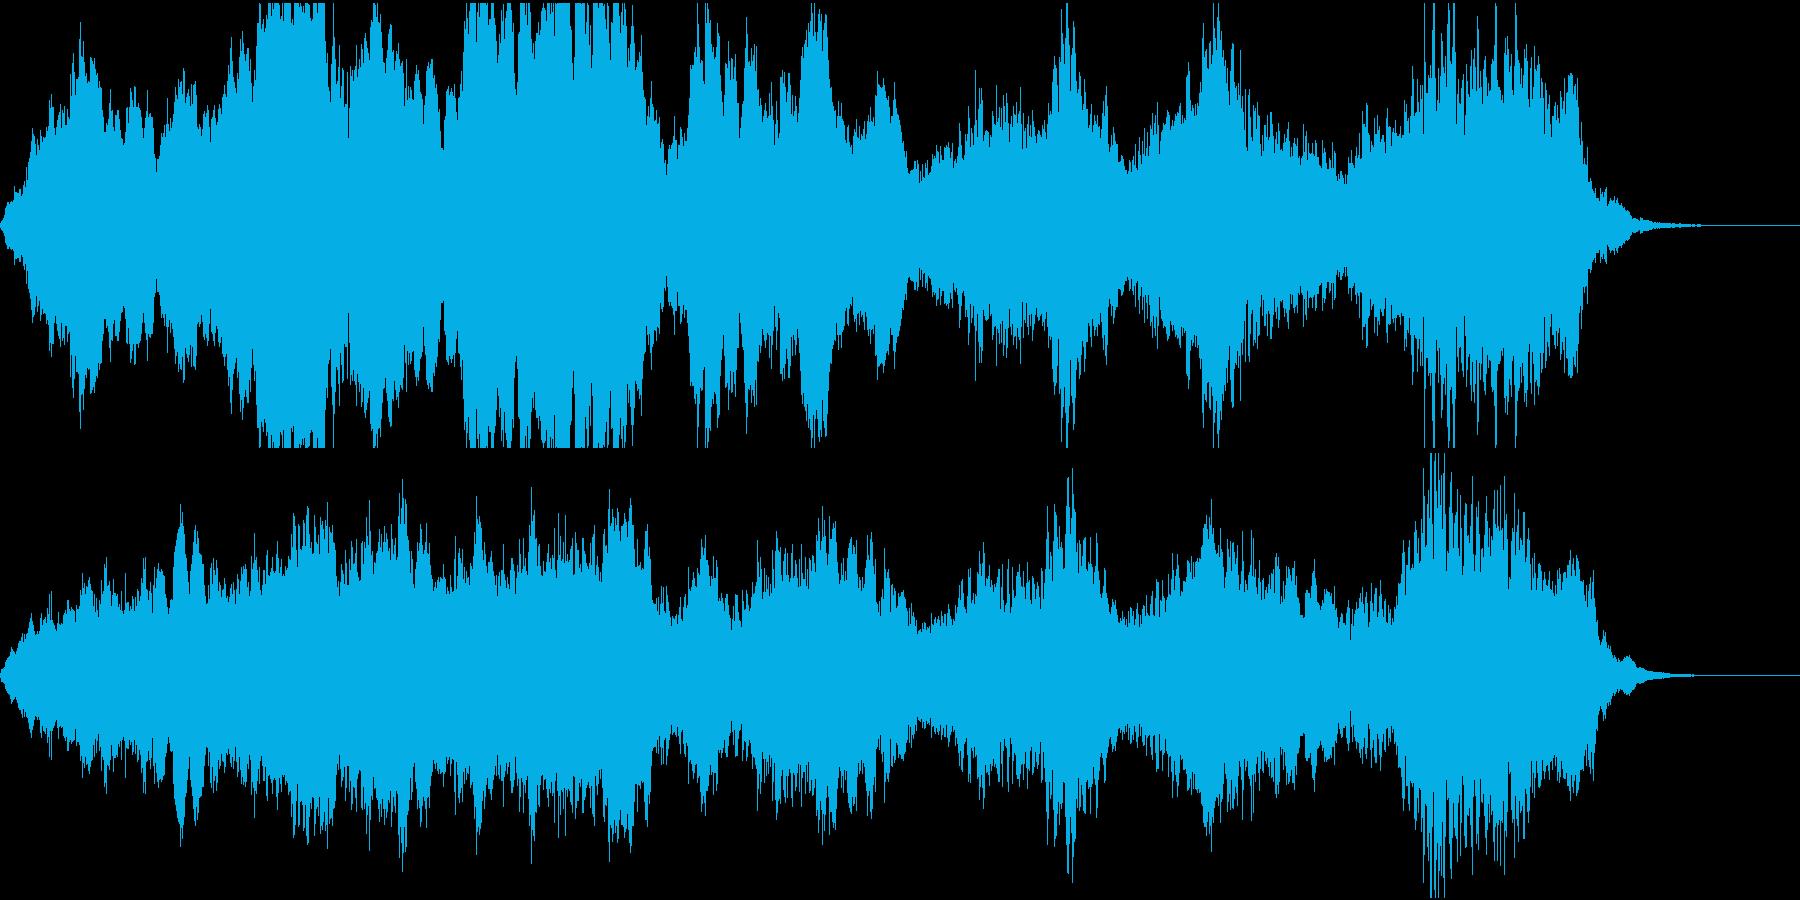 怖い映像BGM/ハロウィン/恐怖/ホラーの再生済みの波形